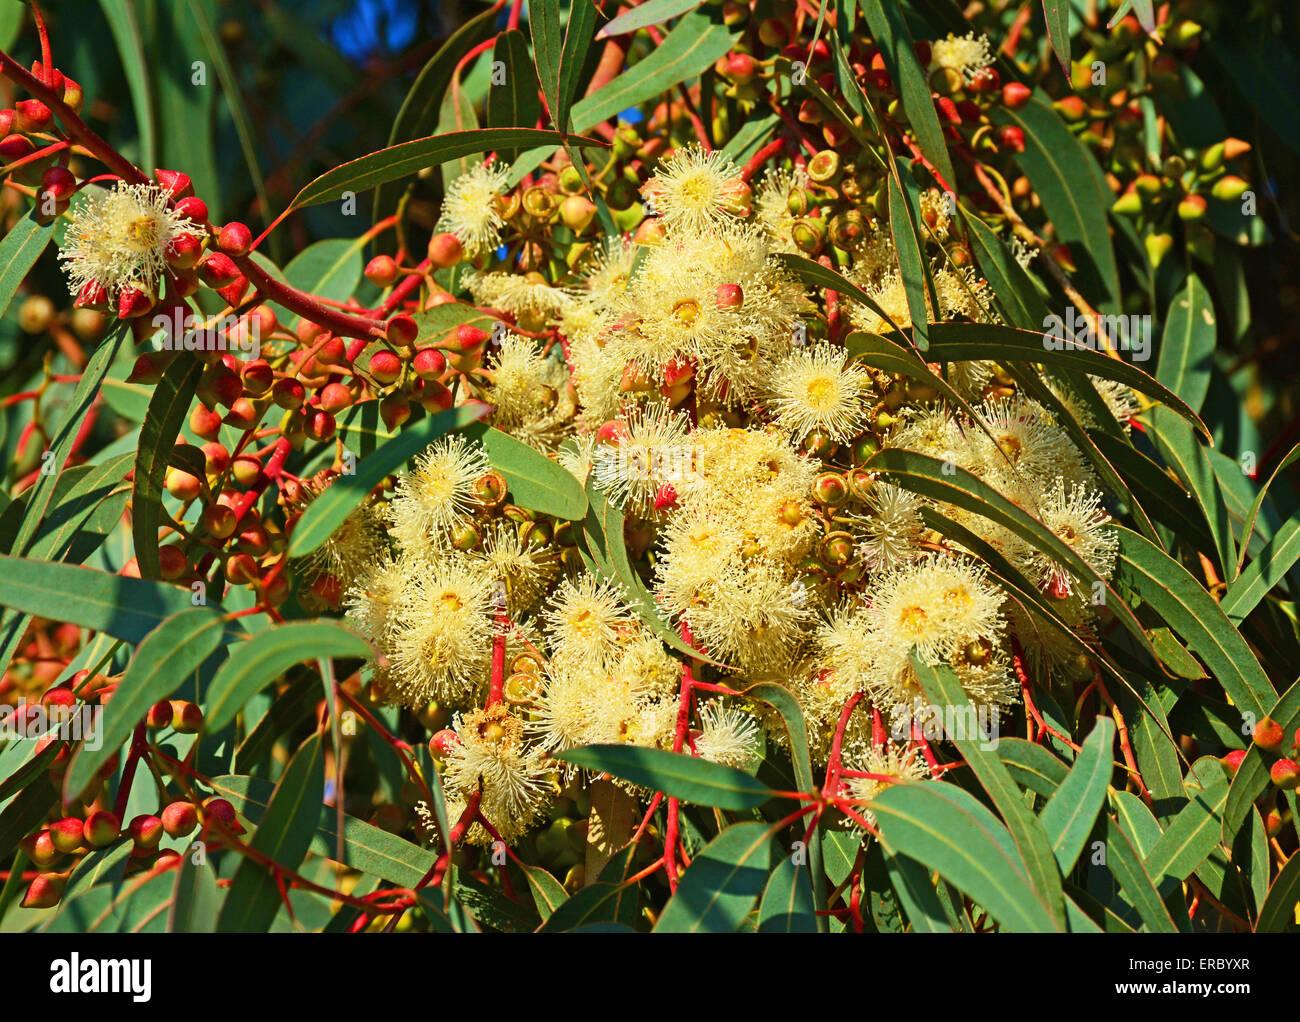 Eucalyptus flowers - Stock Image